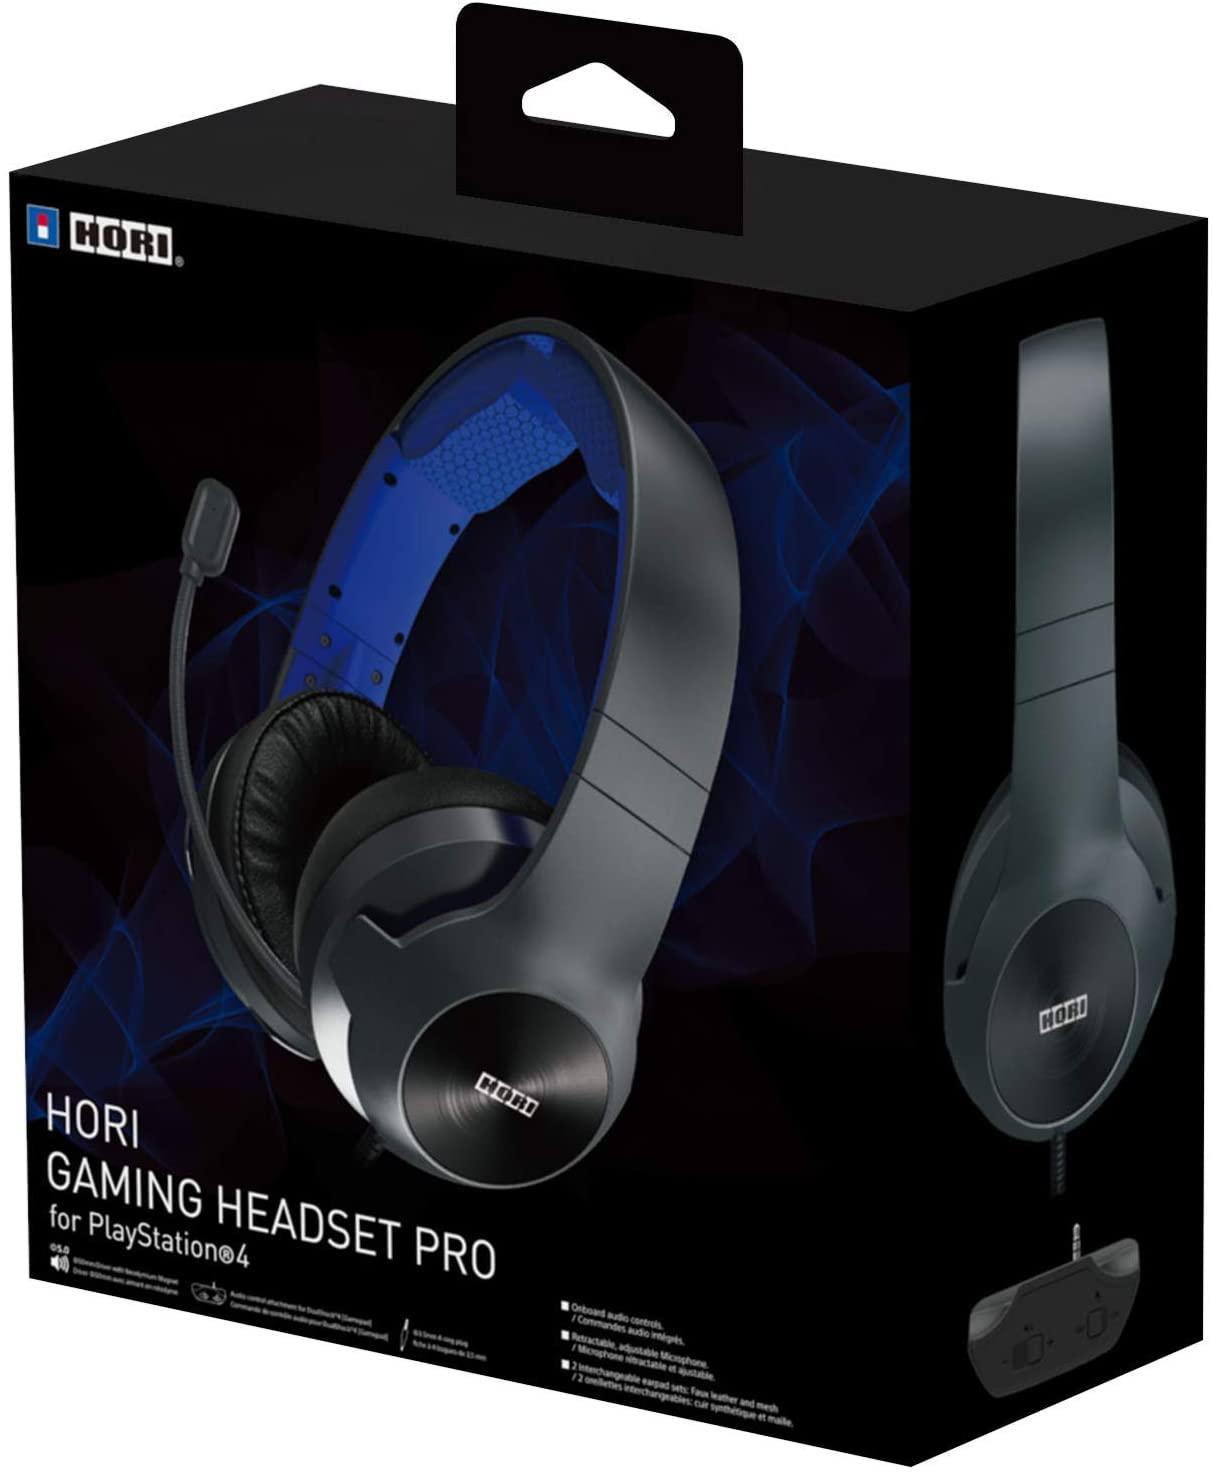 Hori Cuffie Gaming Headset Pro per PS4